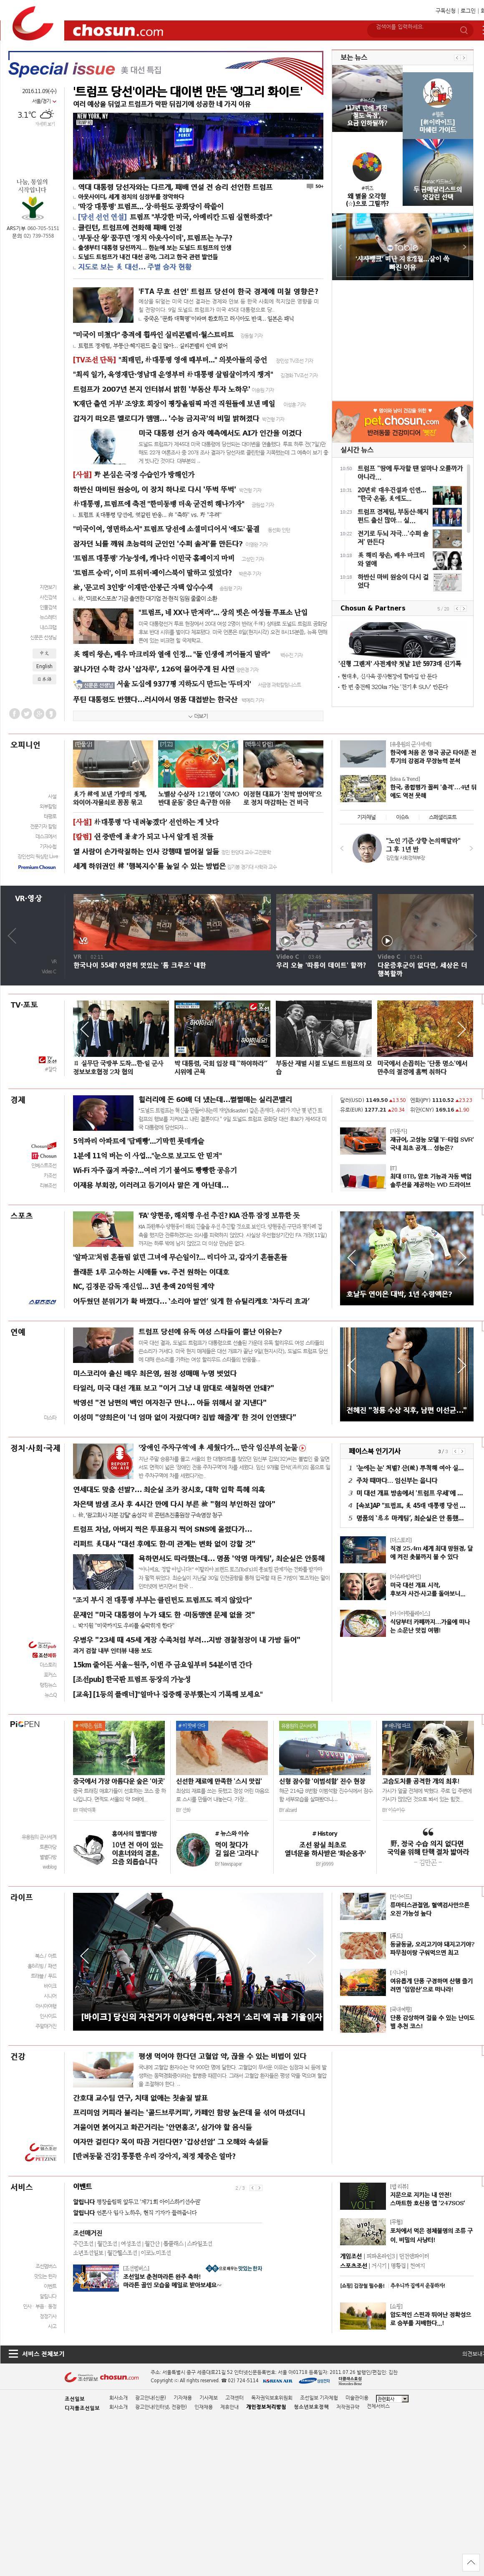 chosun.com at Wednesday Nov. 9, 2016, 12:02 p.m. UTC